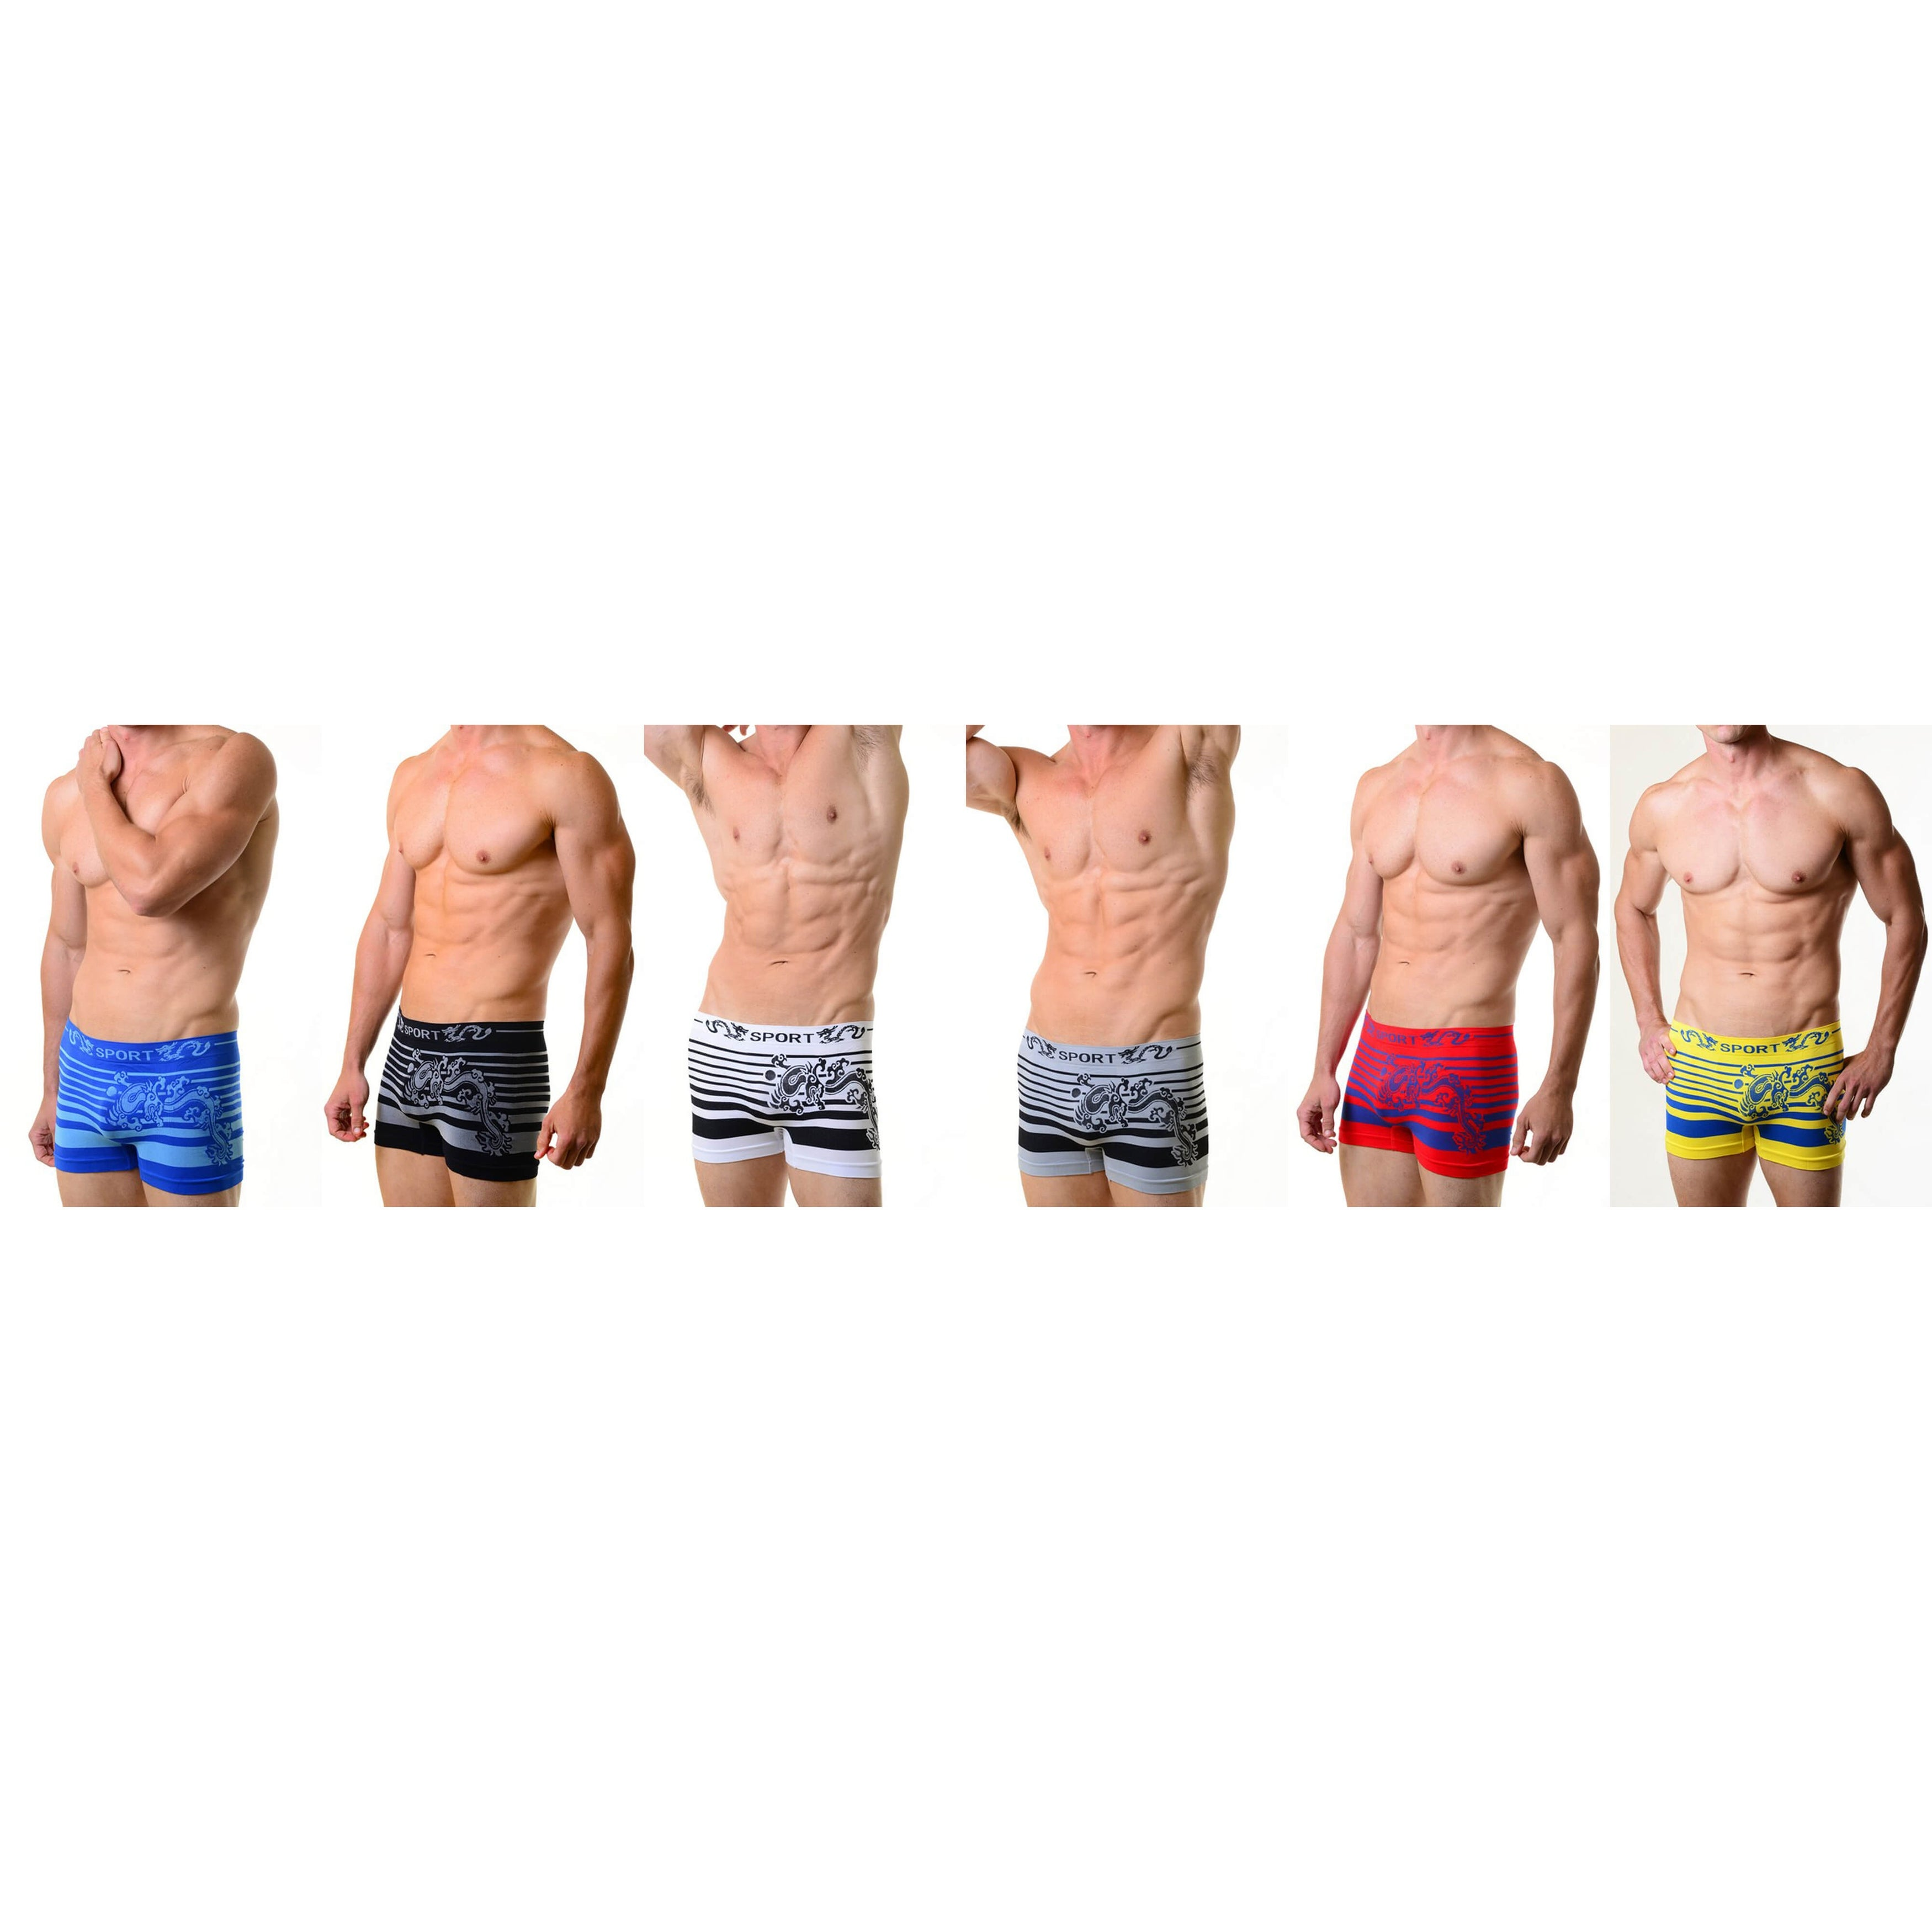 Mens Boxers Briefs Dragon Soft Stretch Underwear